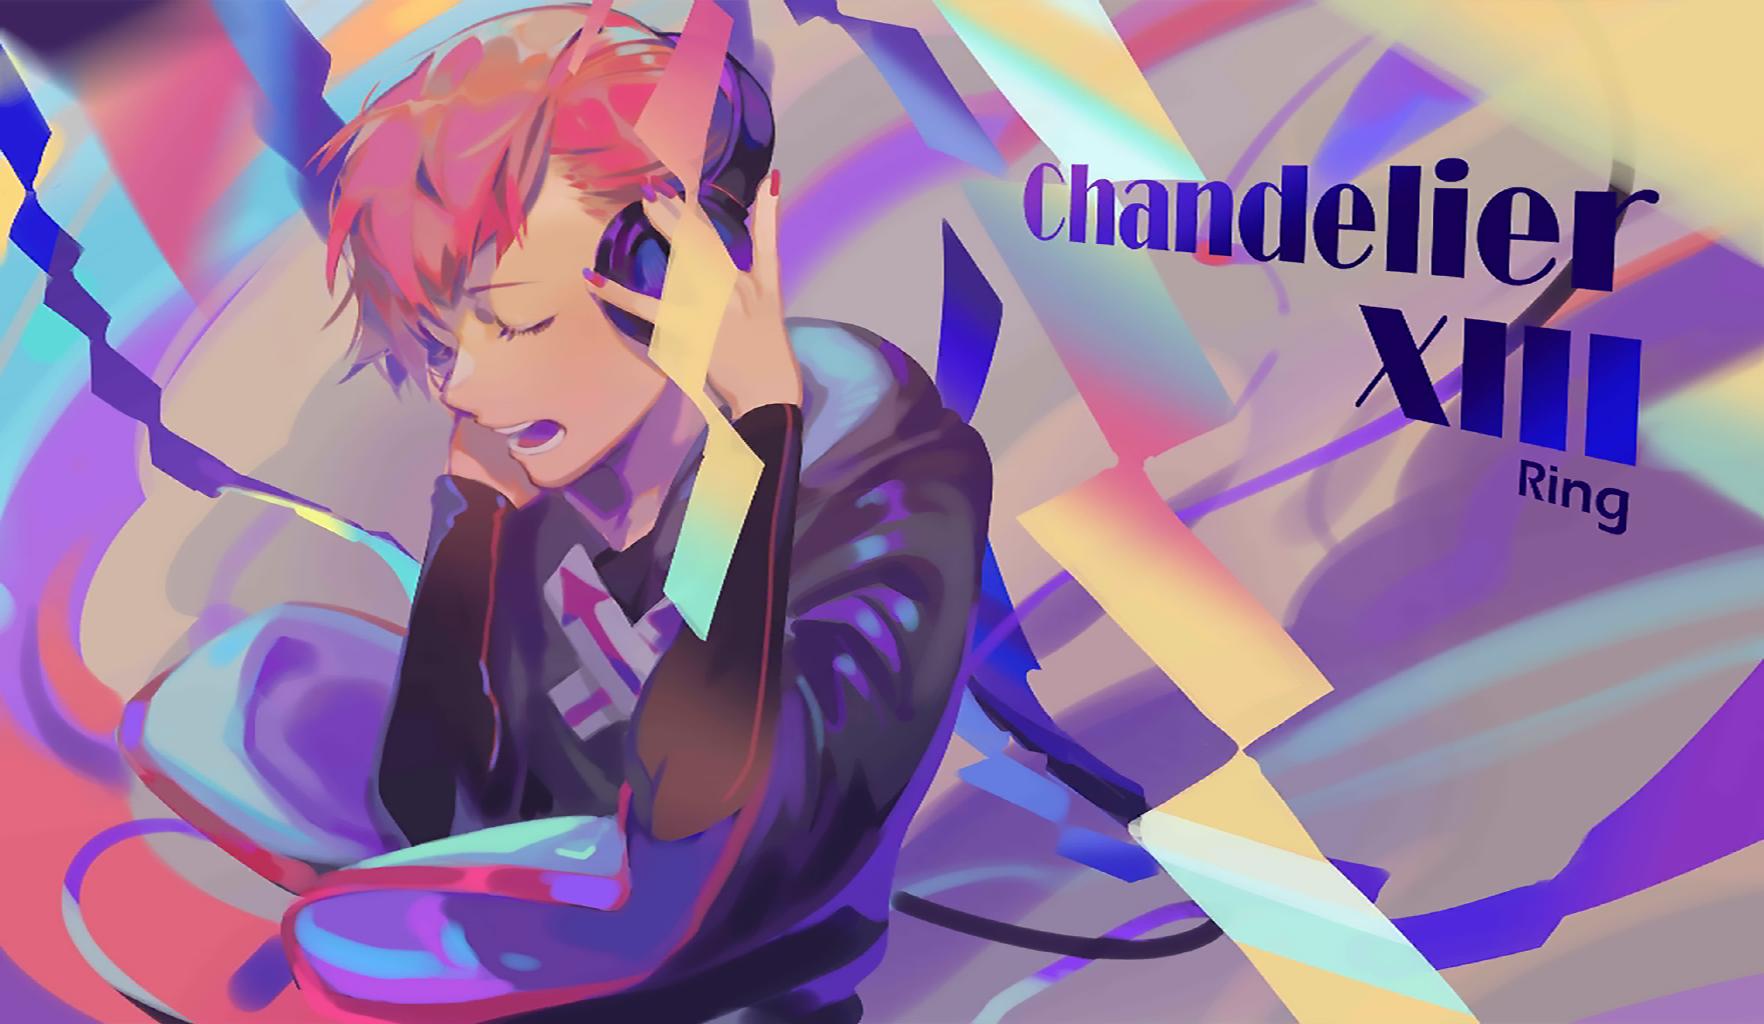 Chandelier XIII.png